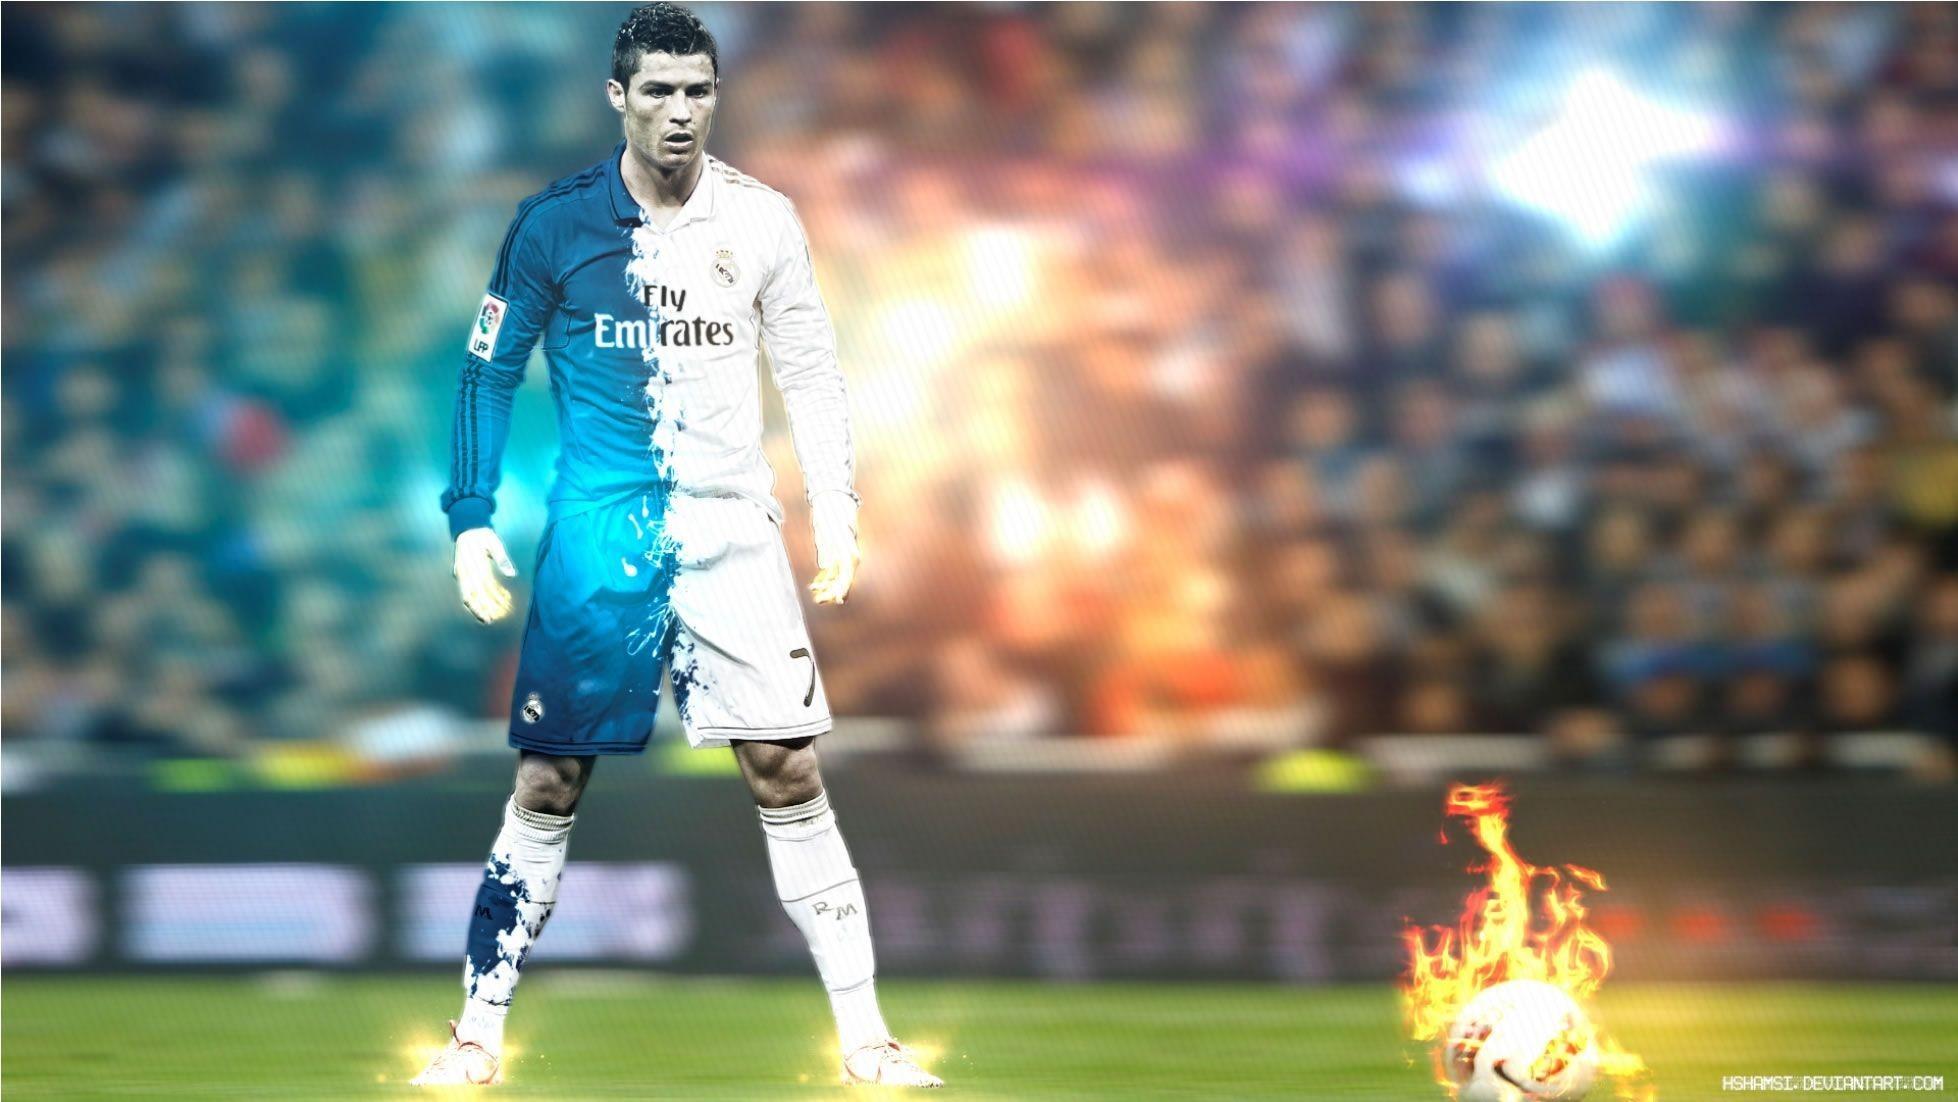 Messi vs Ronaldo Wallpaper 2018 HD 77 images 1958x1102